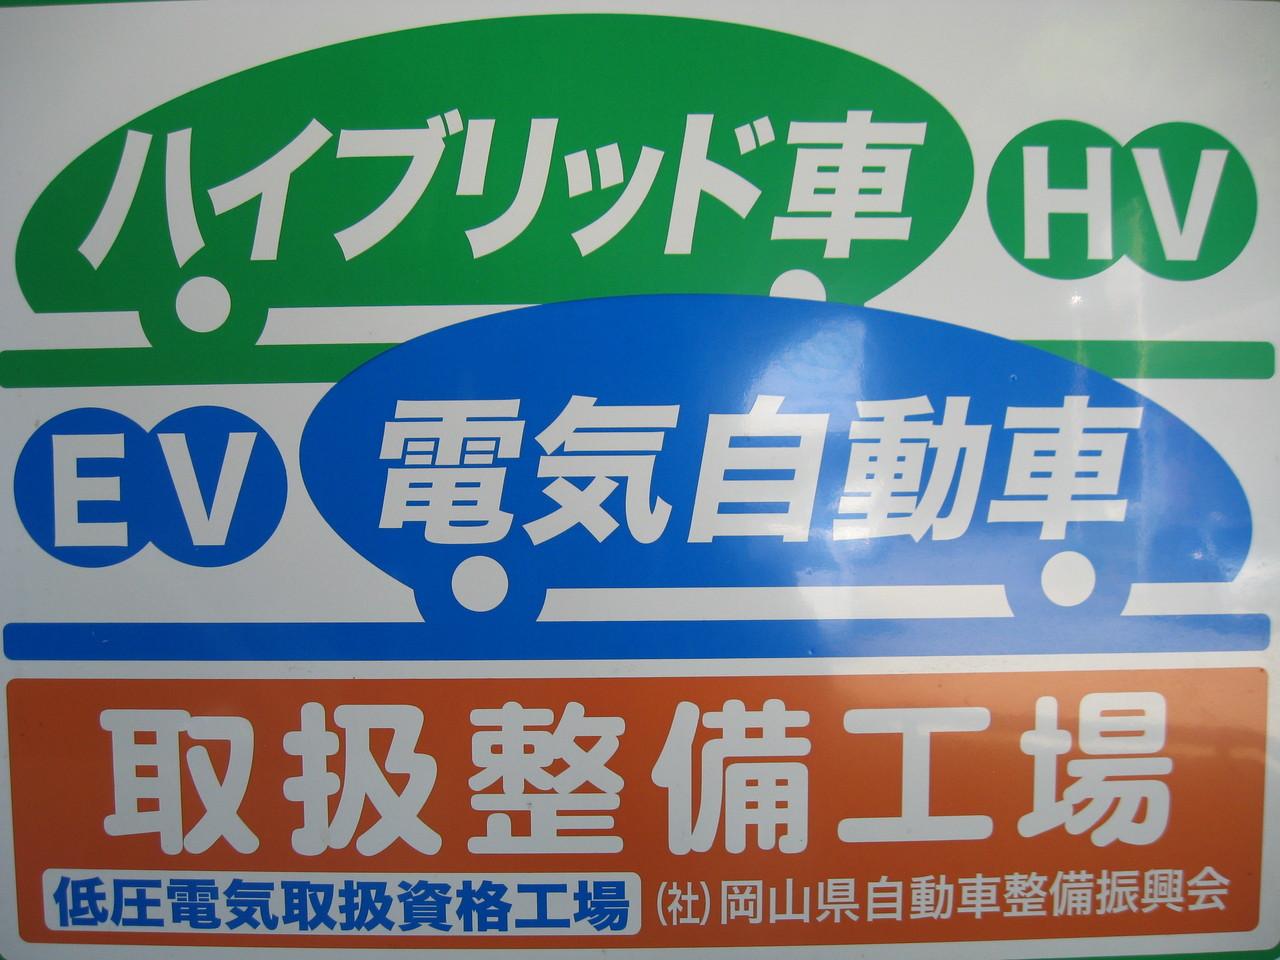 ハイブリッド車、電気自動車もおまかせください!低圧電気取扱資格工場です